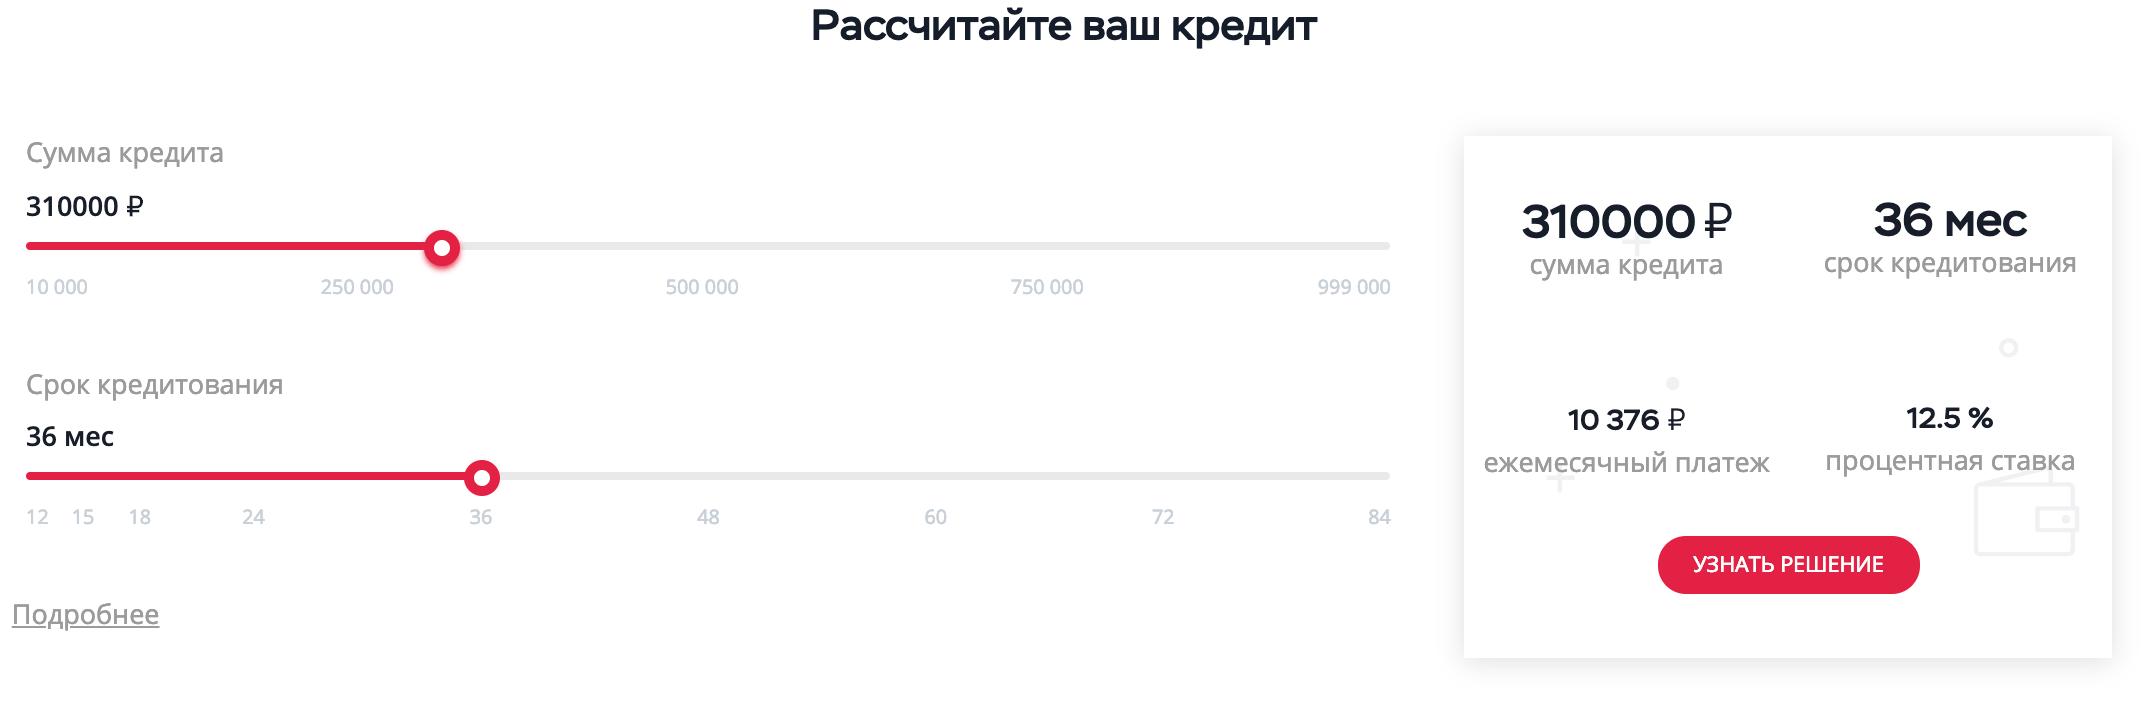 займ в россии для казахстанцев